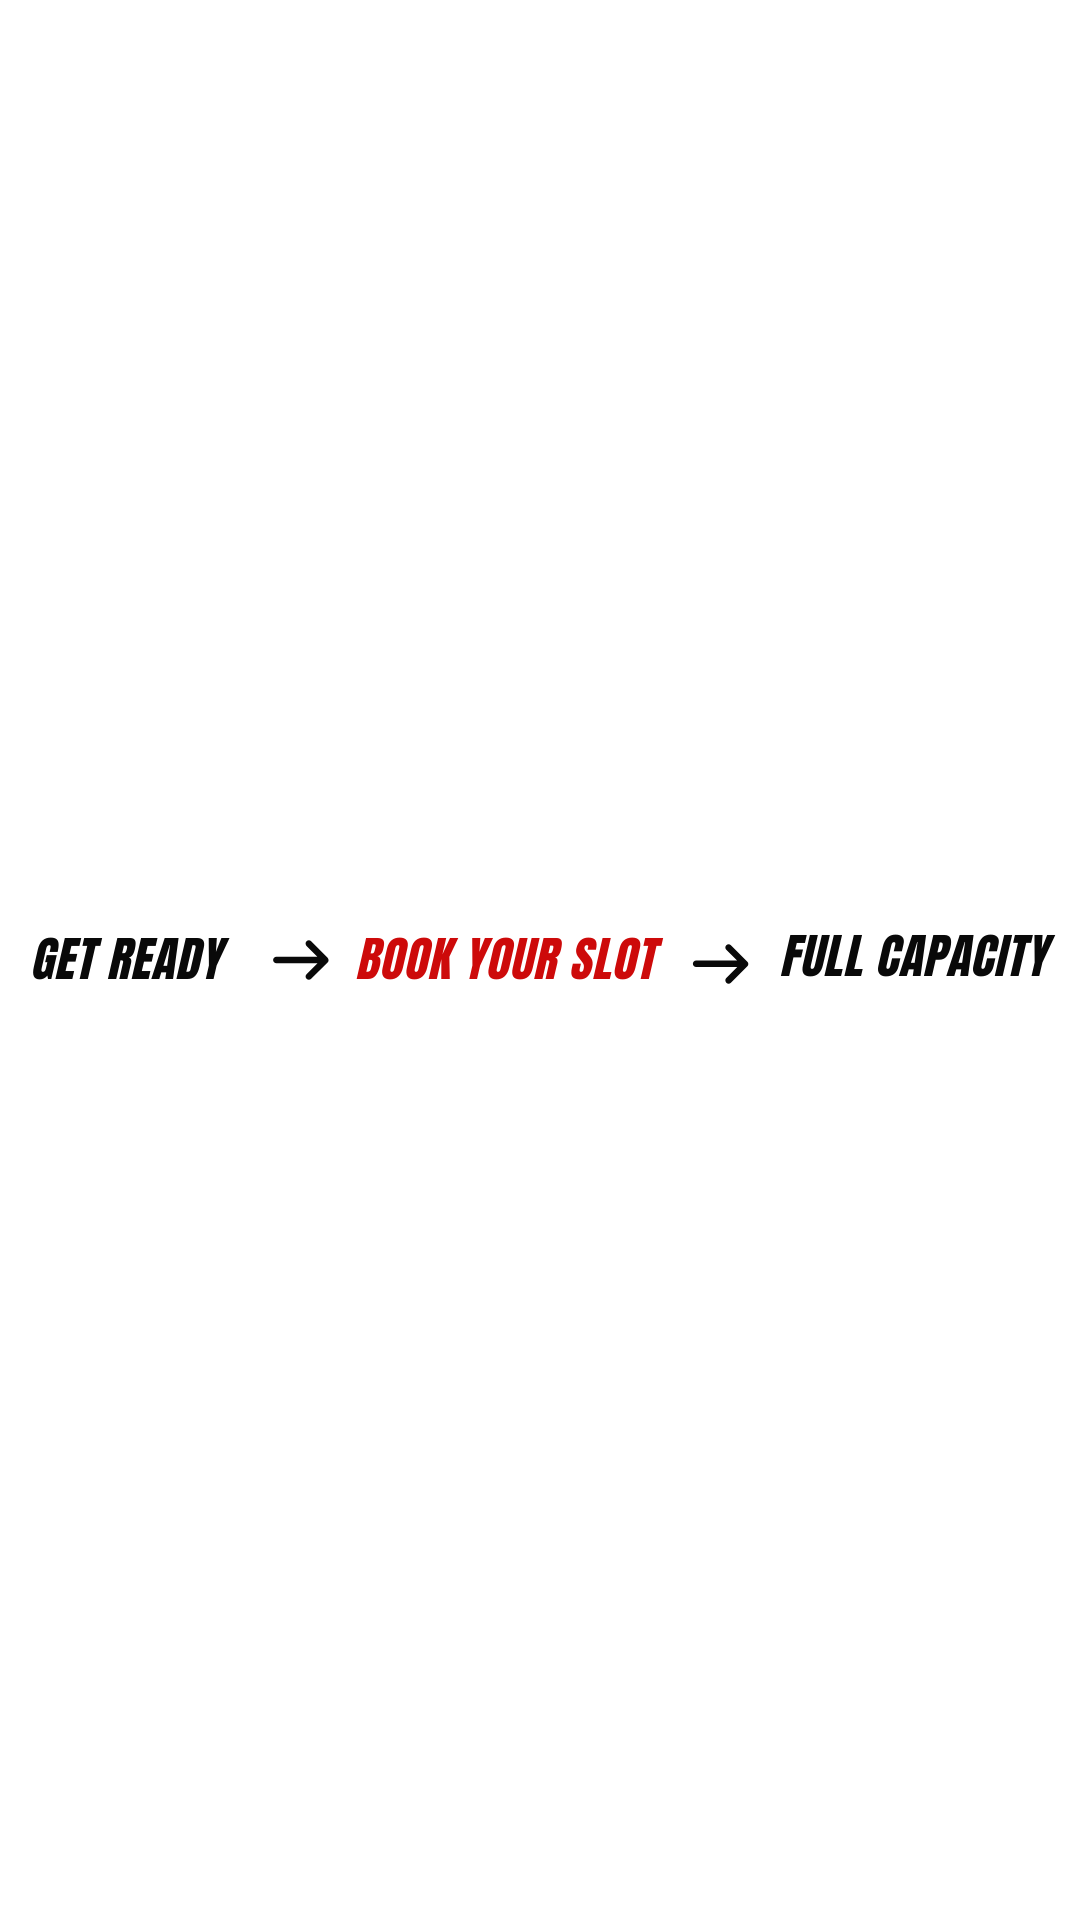 Book A Slot